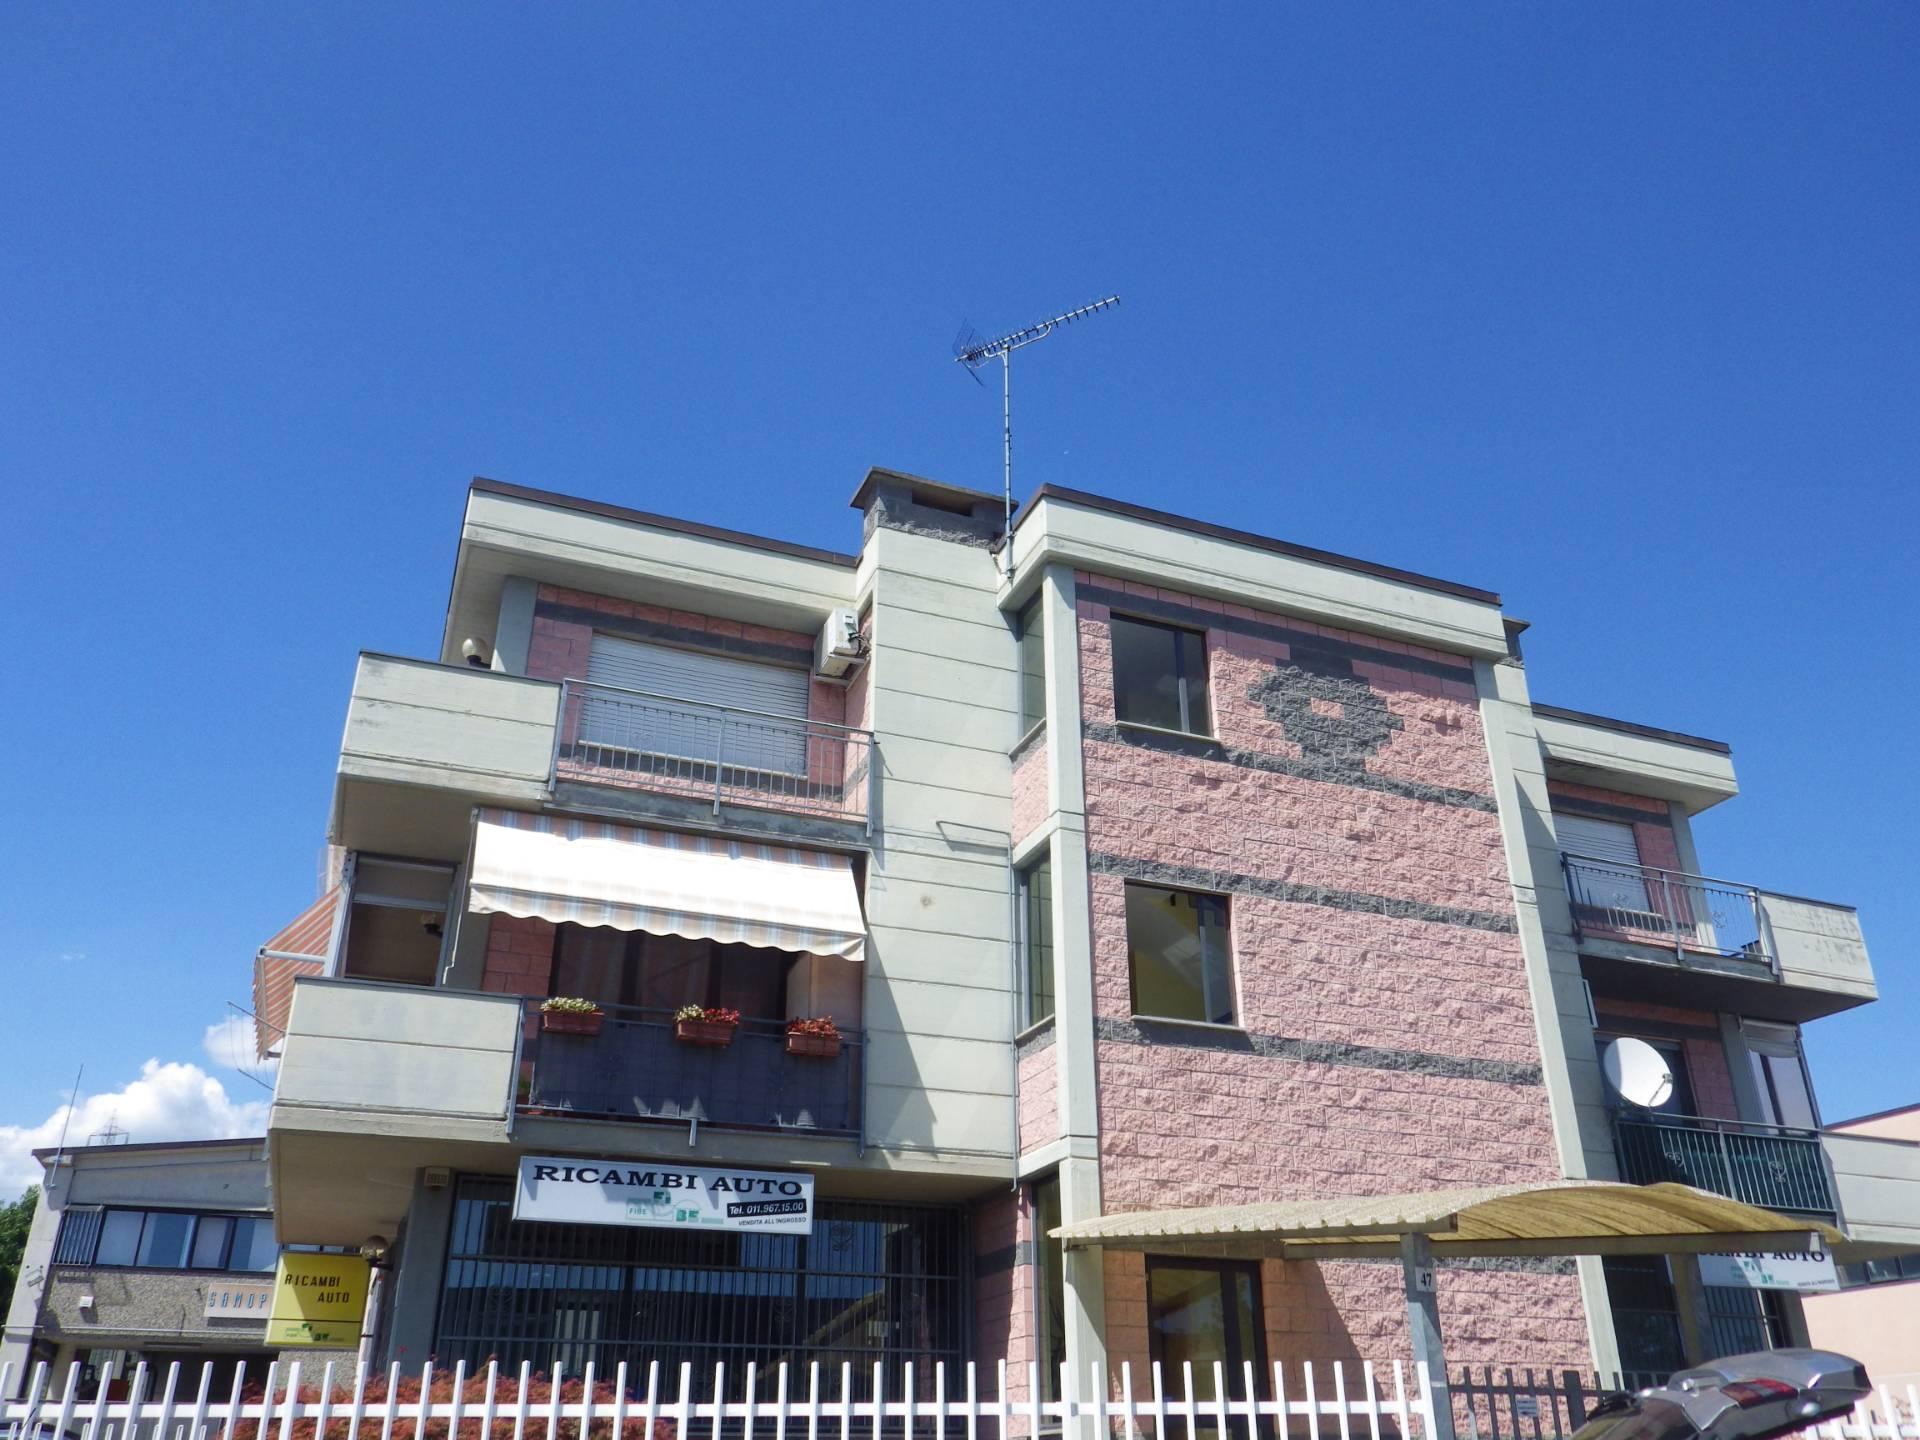 Ufficio / Studio in vendita a Alpignano, 9999 locali, zona Località: GrangePalmero, prezzo € 88.000 | CambioCasa.it